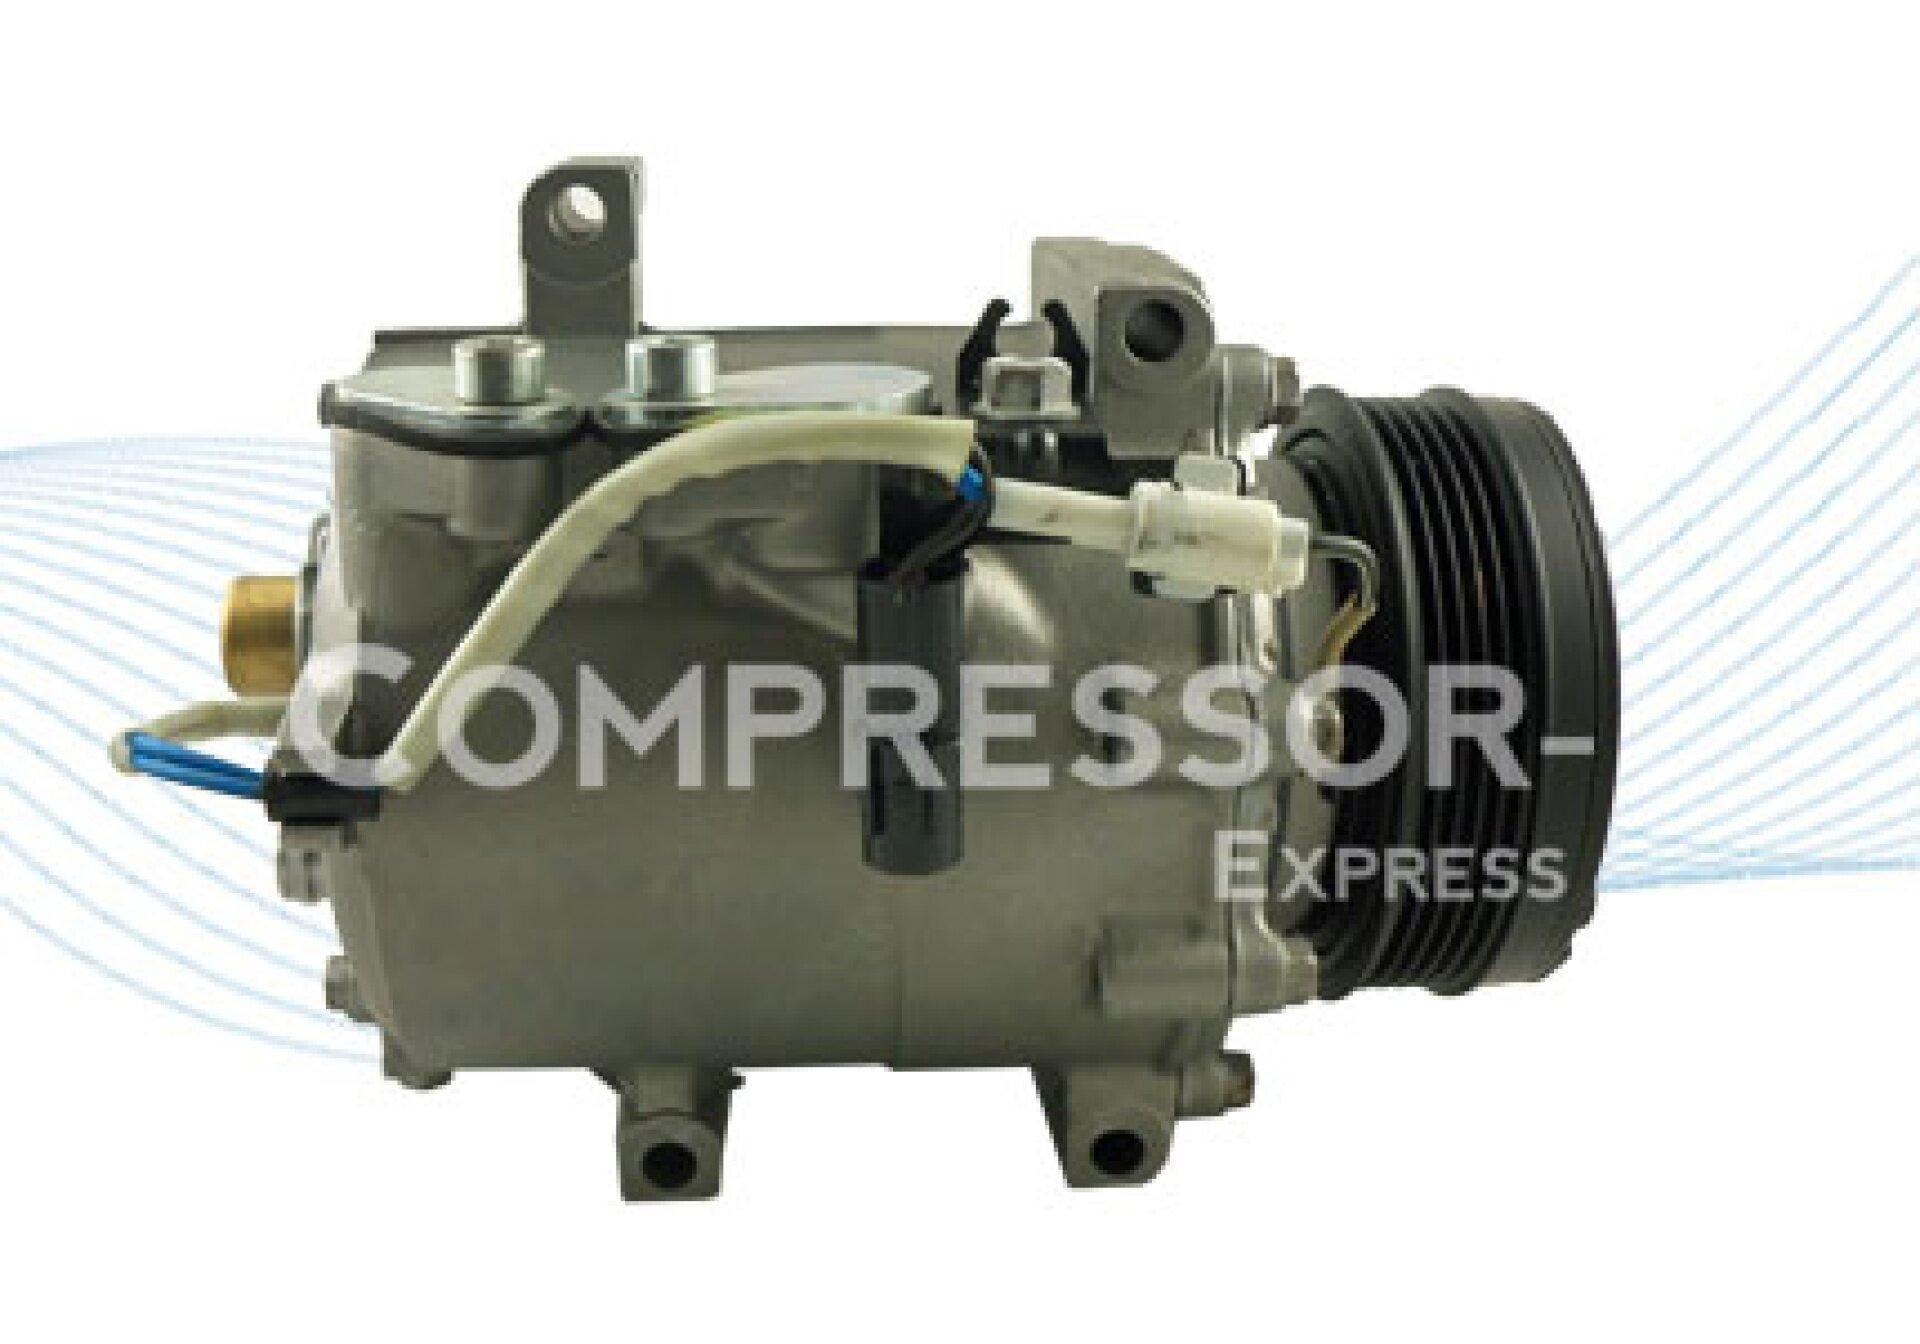 Mitsubishi ax105vsl4 compresor de aire acondicionado for Compresor de aire acondicionado